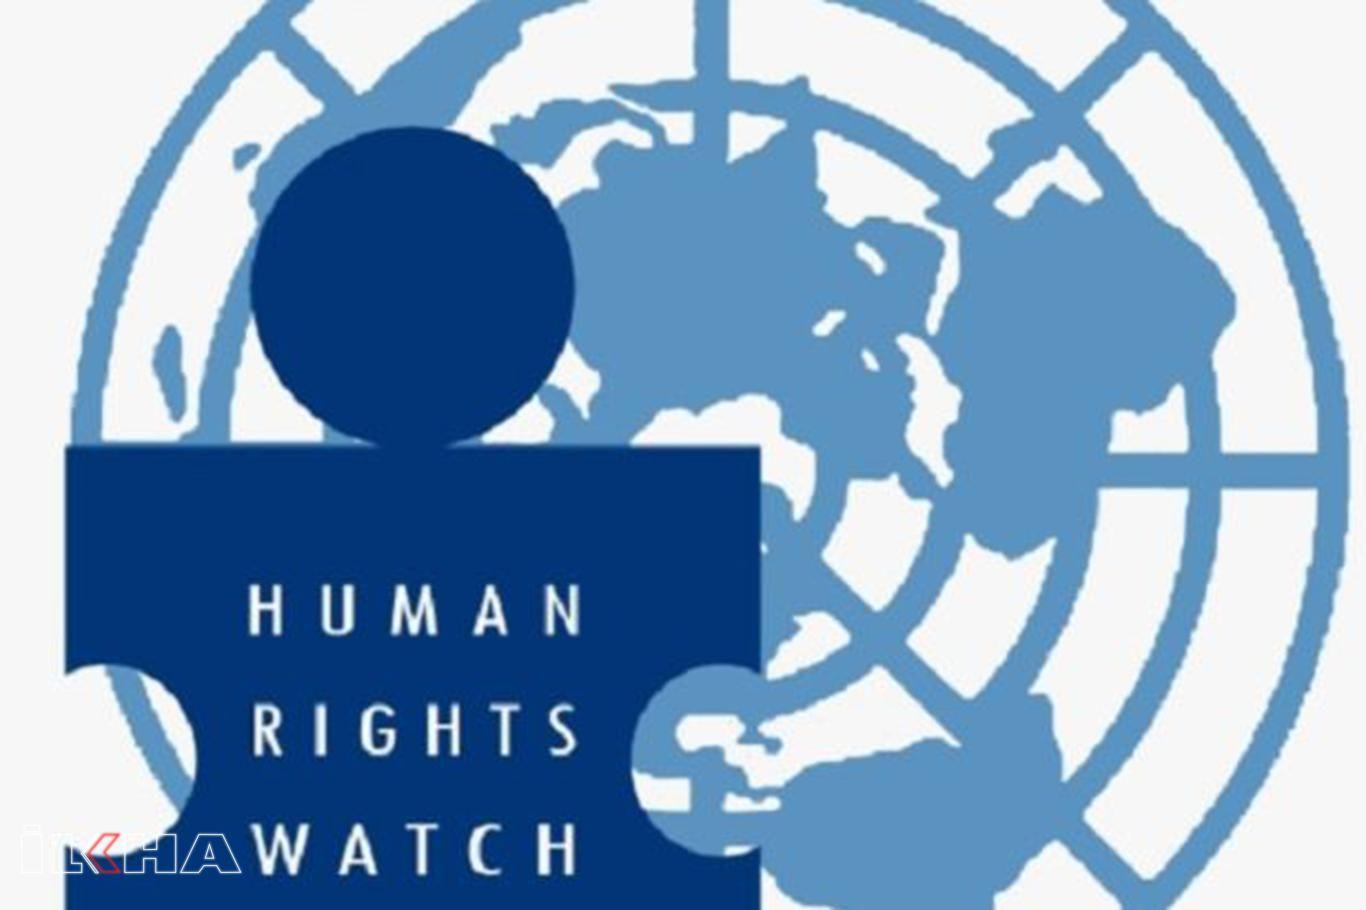 Human Rights Watch направила Жапарову рекомендации по улучшению ситуации с правами человека в Кыргызстане